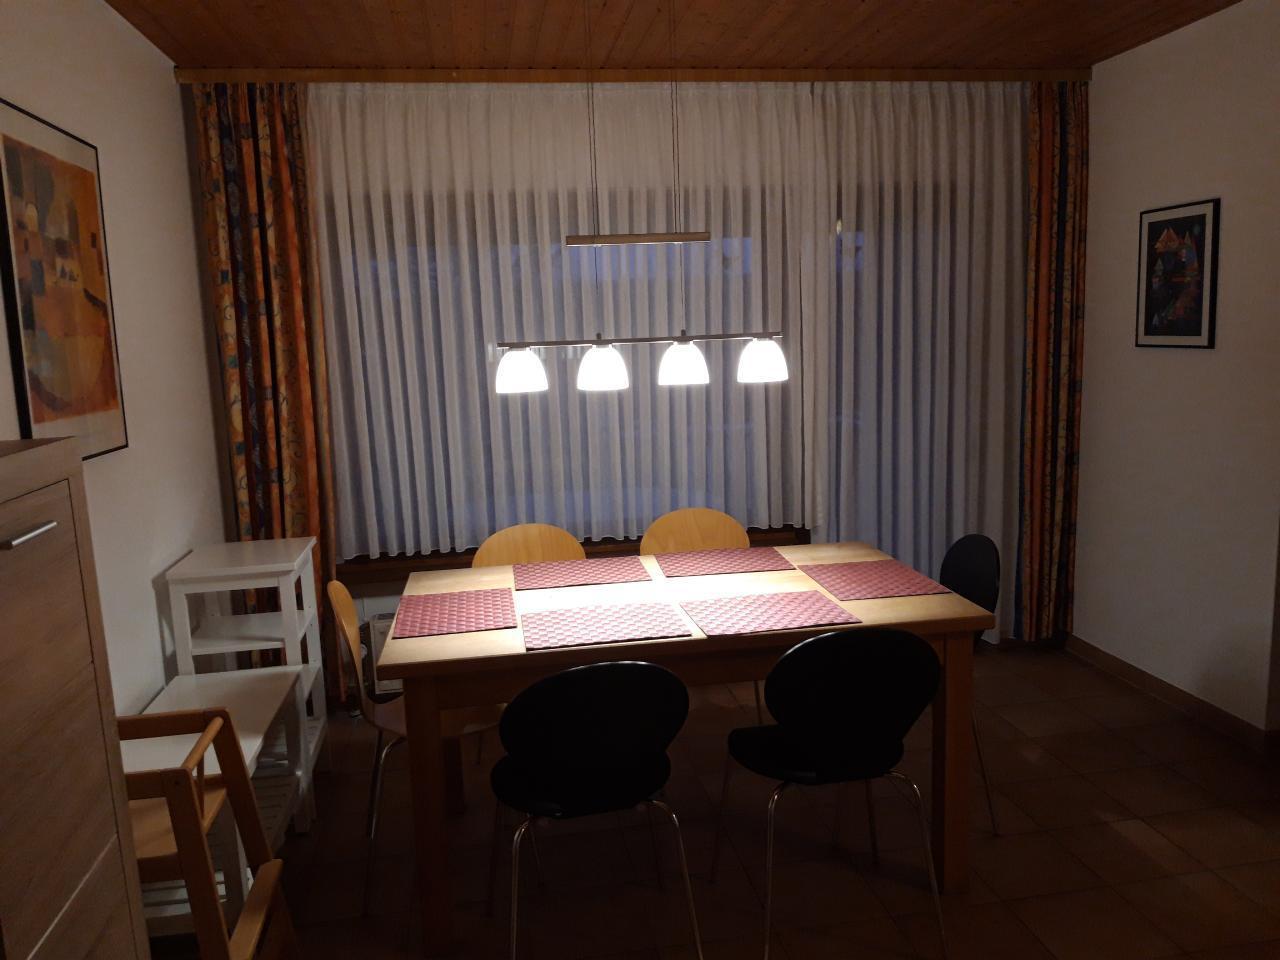 Ferienhaus / Bungalow 15 neu renoviert für 4-6 Personen in der Rhön Residence Bungalows (757460), Dipperz, Rhön (Hessen), Hessen, Deutschland, Bild 8